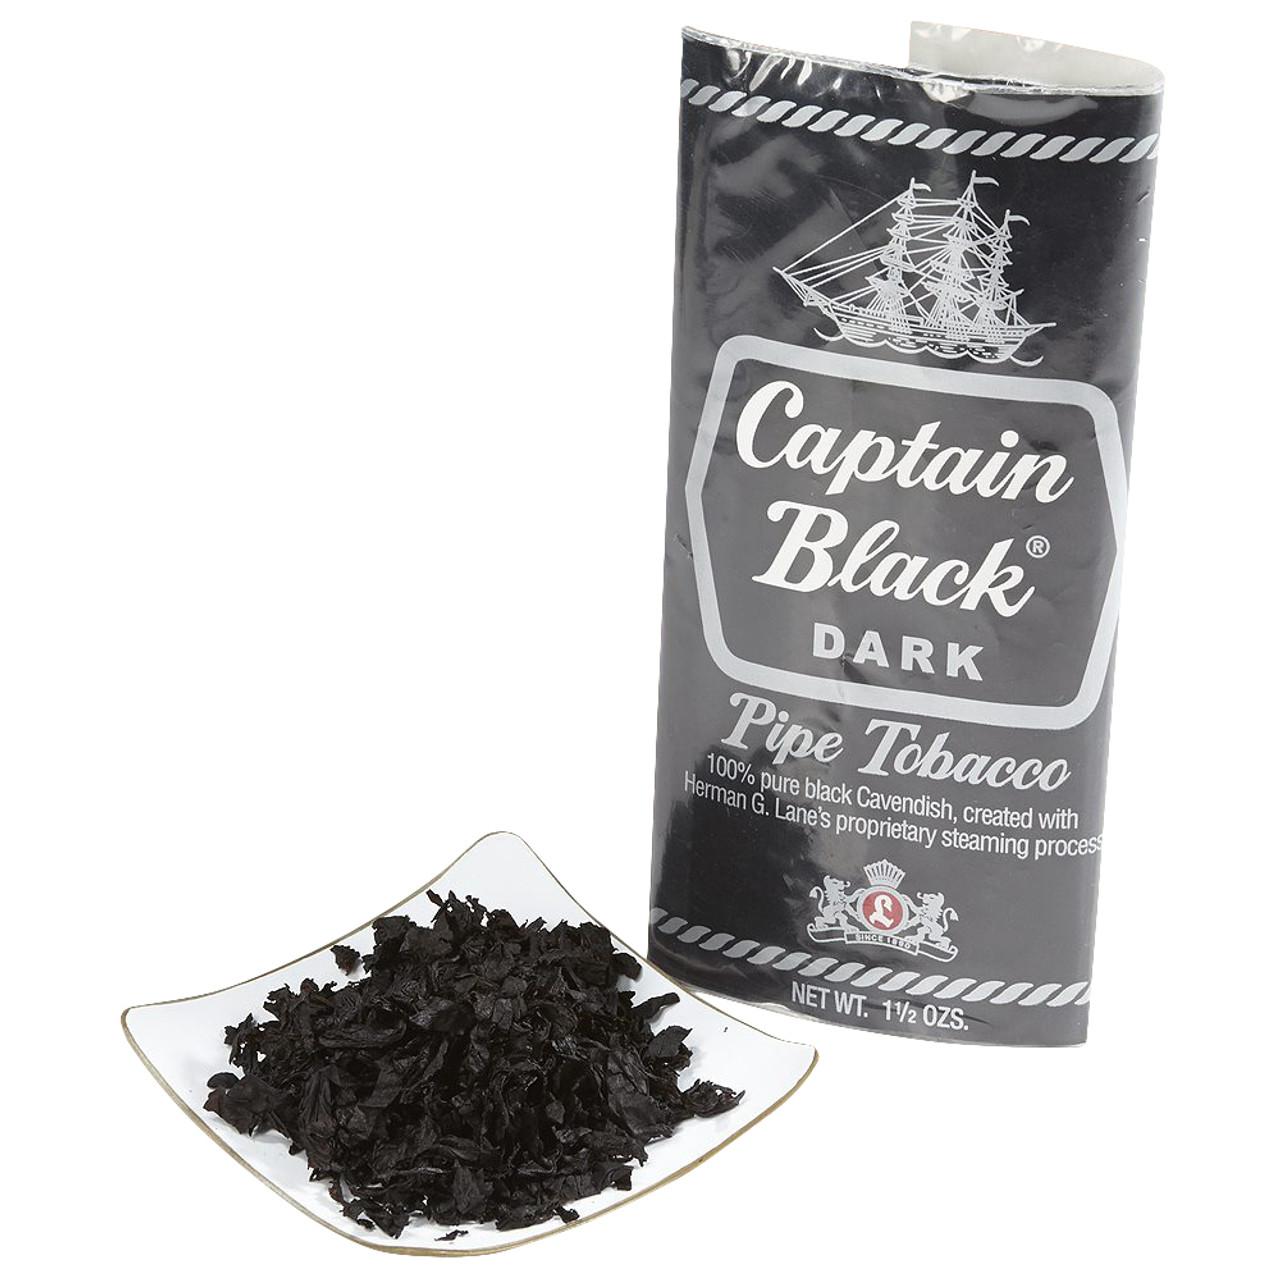 Captain Black Dark Pipe Tobacco   1.5 OZ POUCH - 6 COUNT